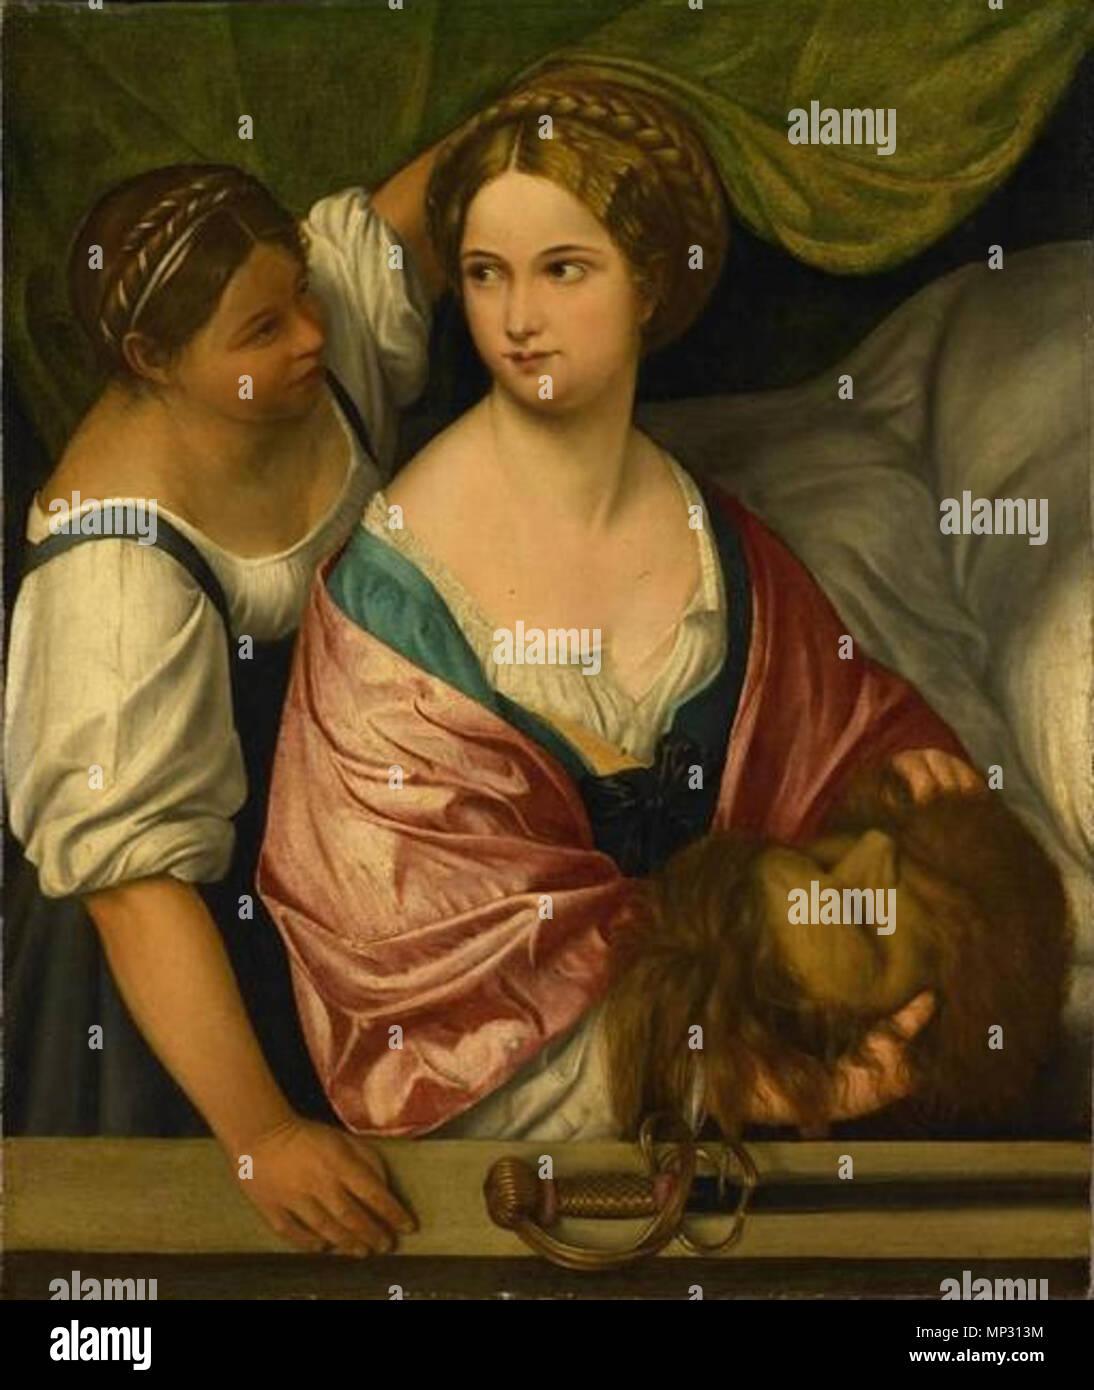 Judith with the head of Holofernes  1500-1539.   1014 Pordenone Judith con la cabeza de Holofernes Rijksmuseum - Stock Image